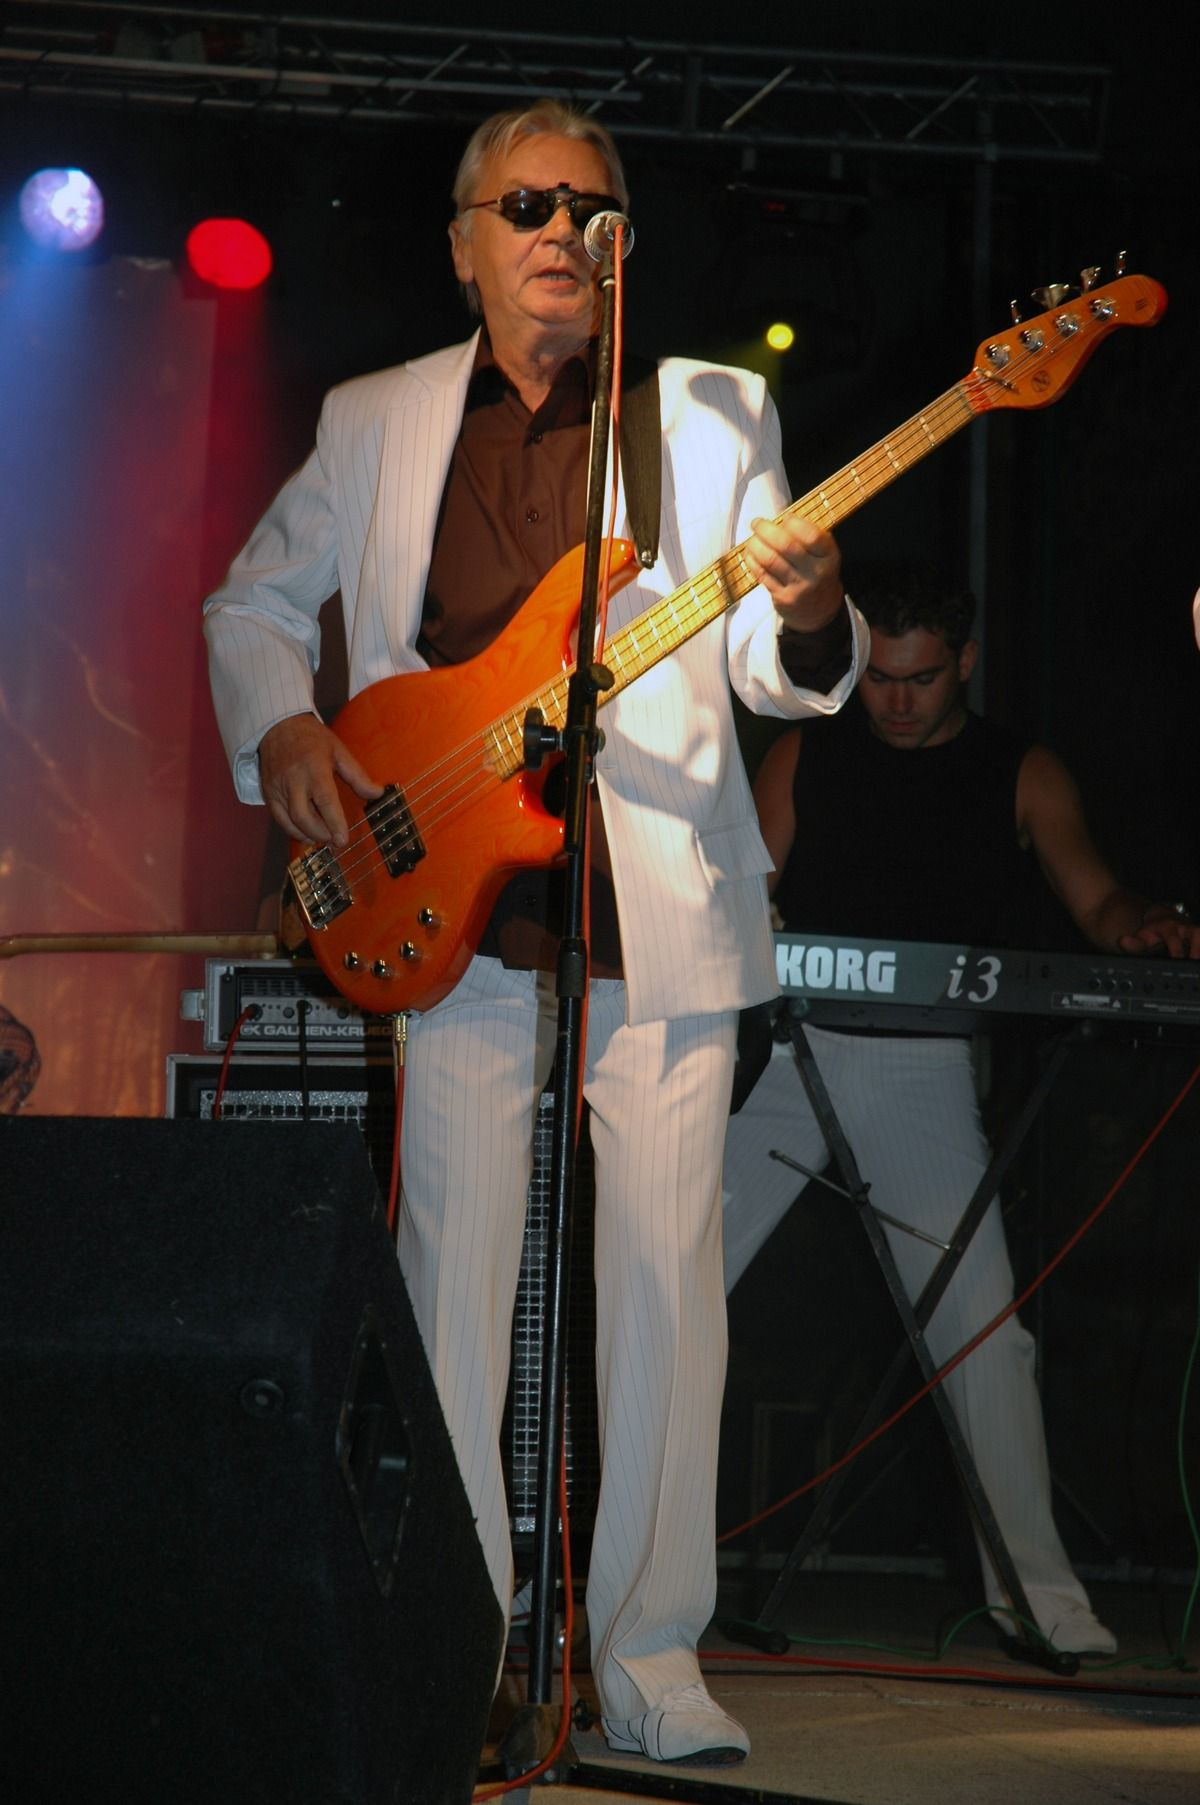 Aby uniknąć poboru basista Czerwonych Gitar Henryk Zomerski ukrywał się pod zmienionym nazwiskiem. Nie na wiele się to zdało. Powyżej Zomerski na zdjęciu z 2006 roku.